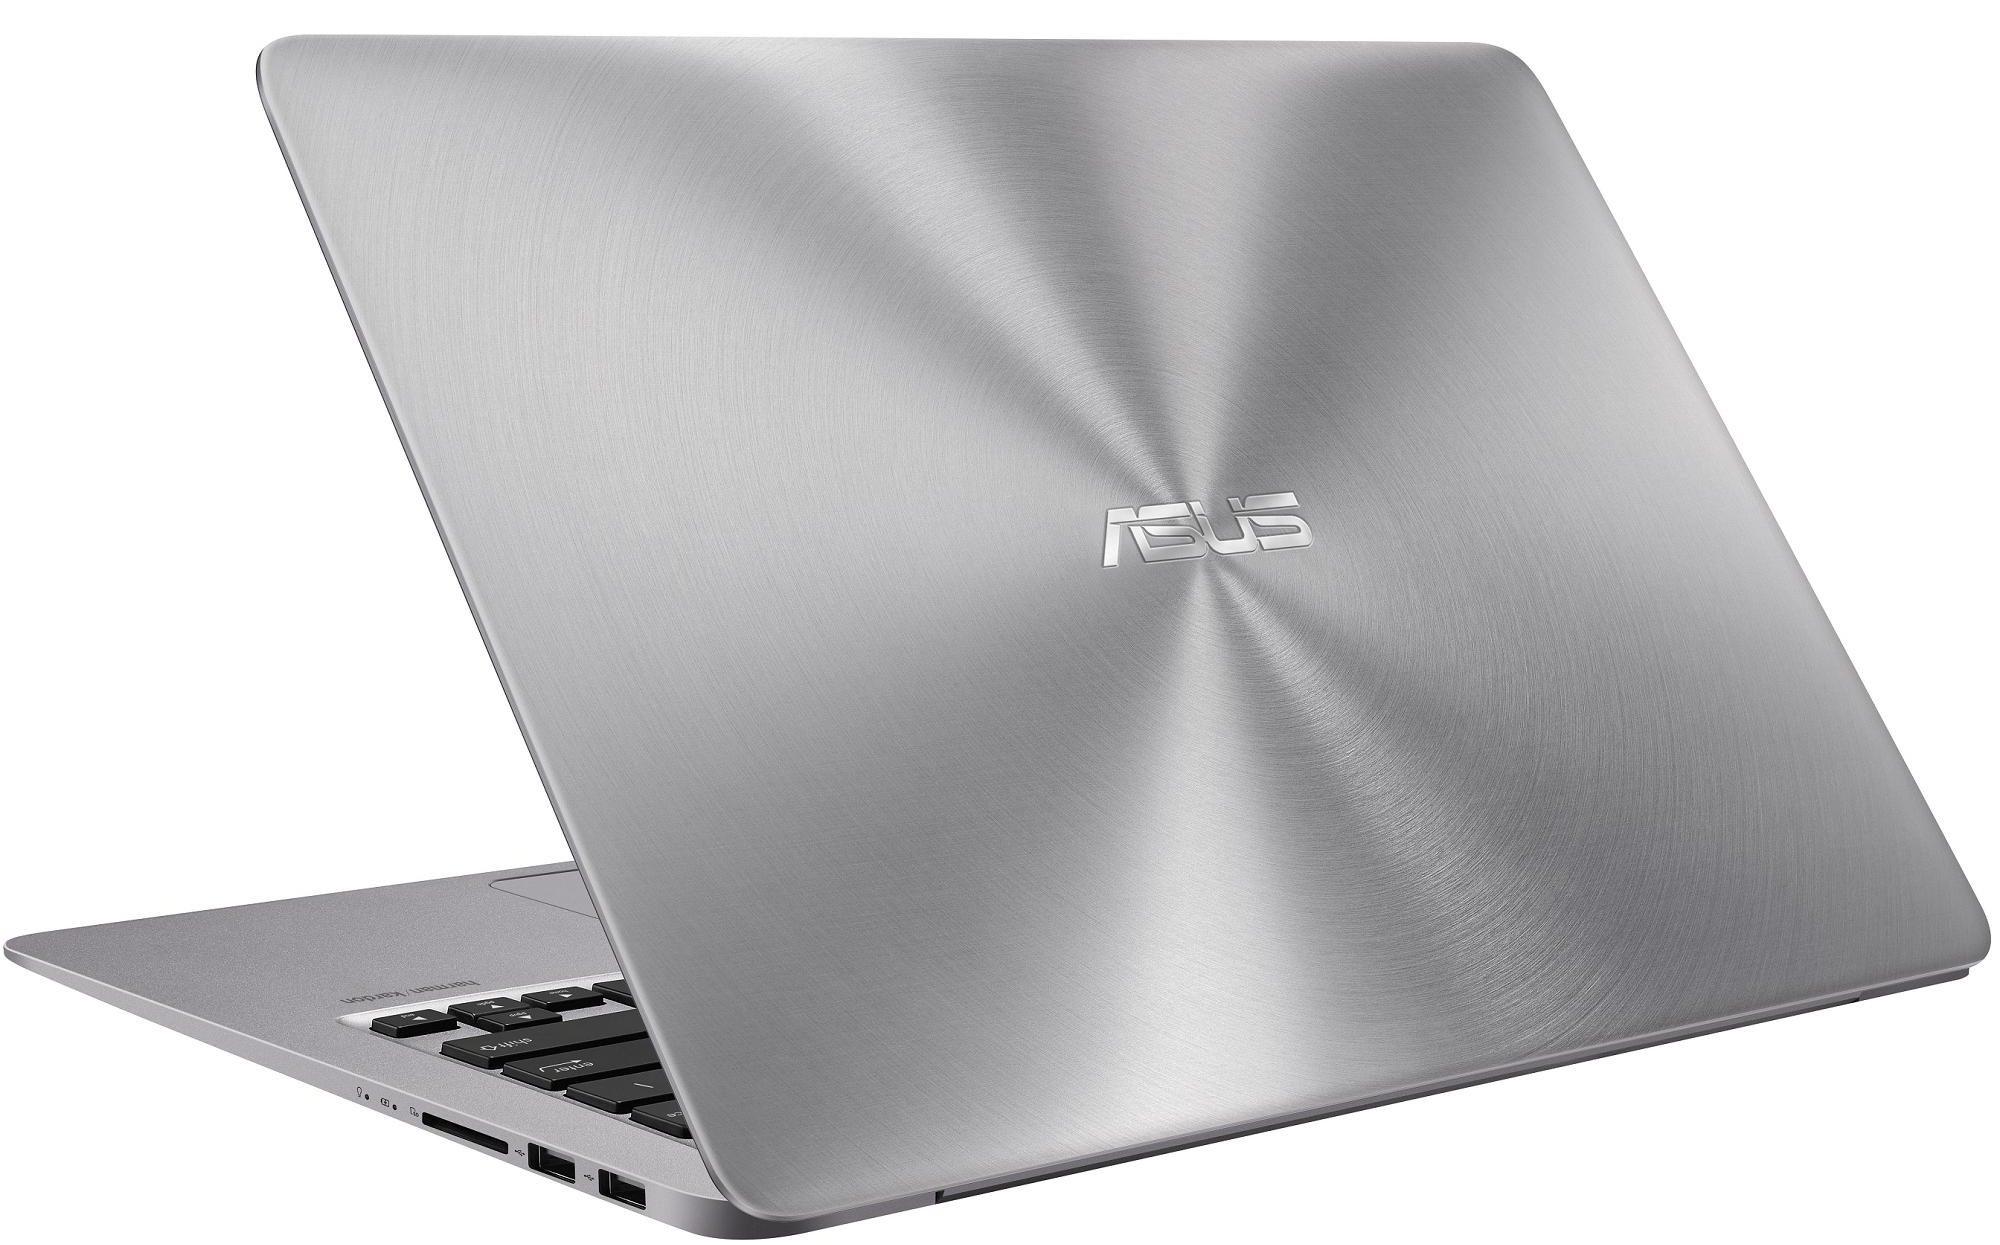 Легкие и тонкие лучшие ноутбуки для тех, кто постоянно в пути - Asus UX310UF-FC005R